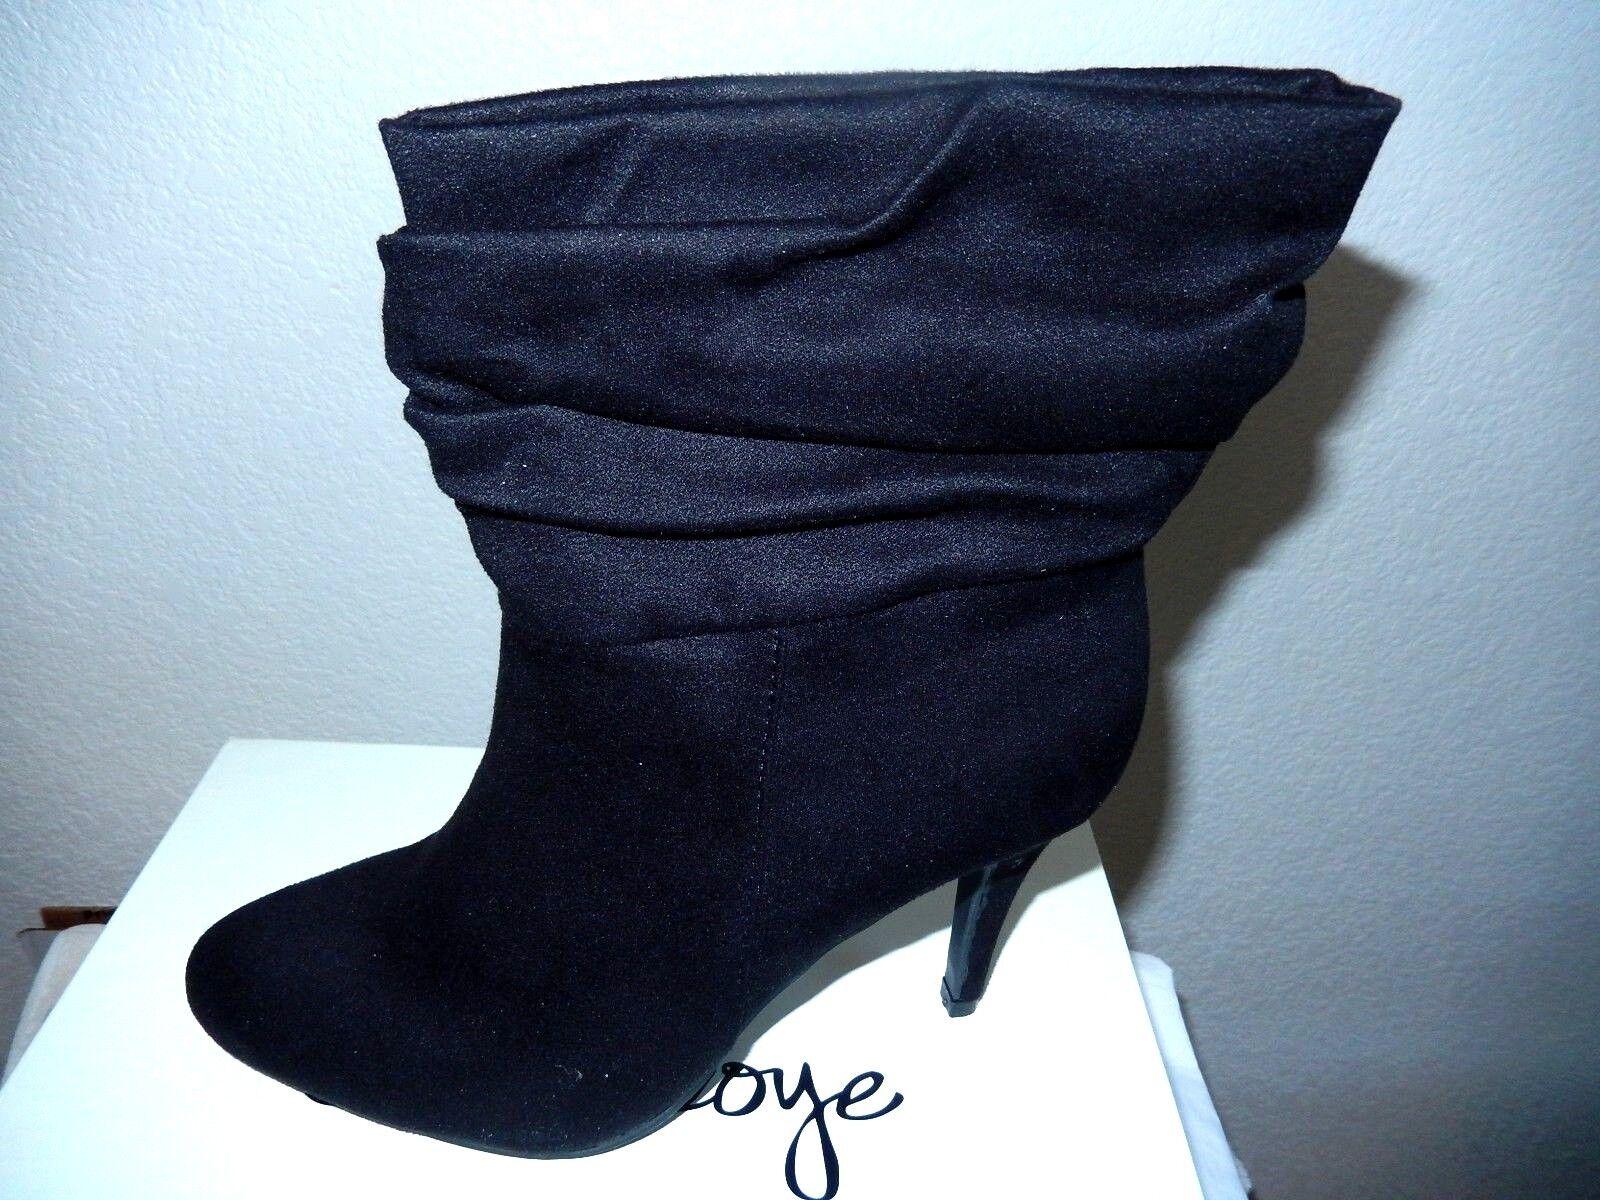 Olsenboye Destiny Fashion Boots-9.5M, black-Soft faux suede,stylish cuff   80